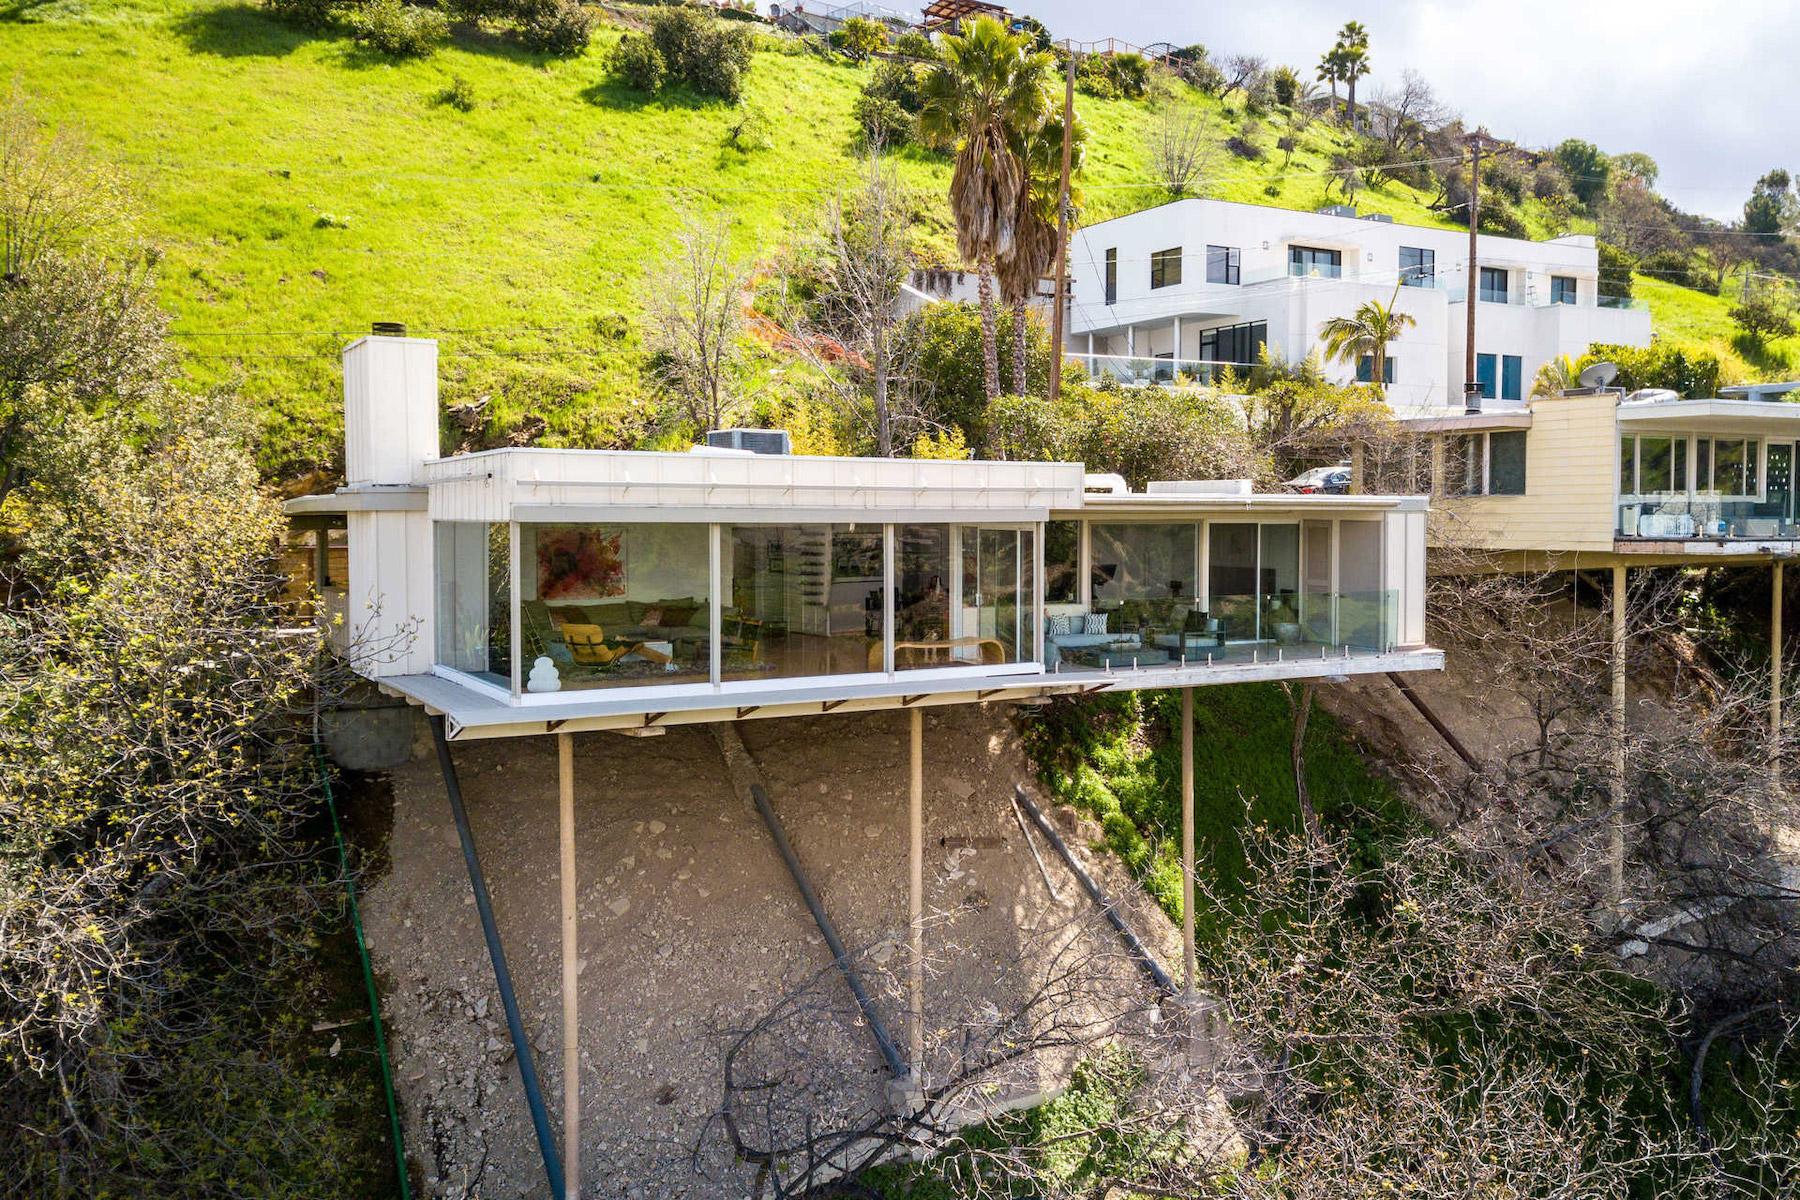 Das aussergewöhnliche Stilt House von Richard Neutra in Kalifornien 1